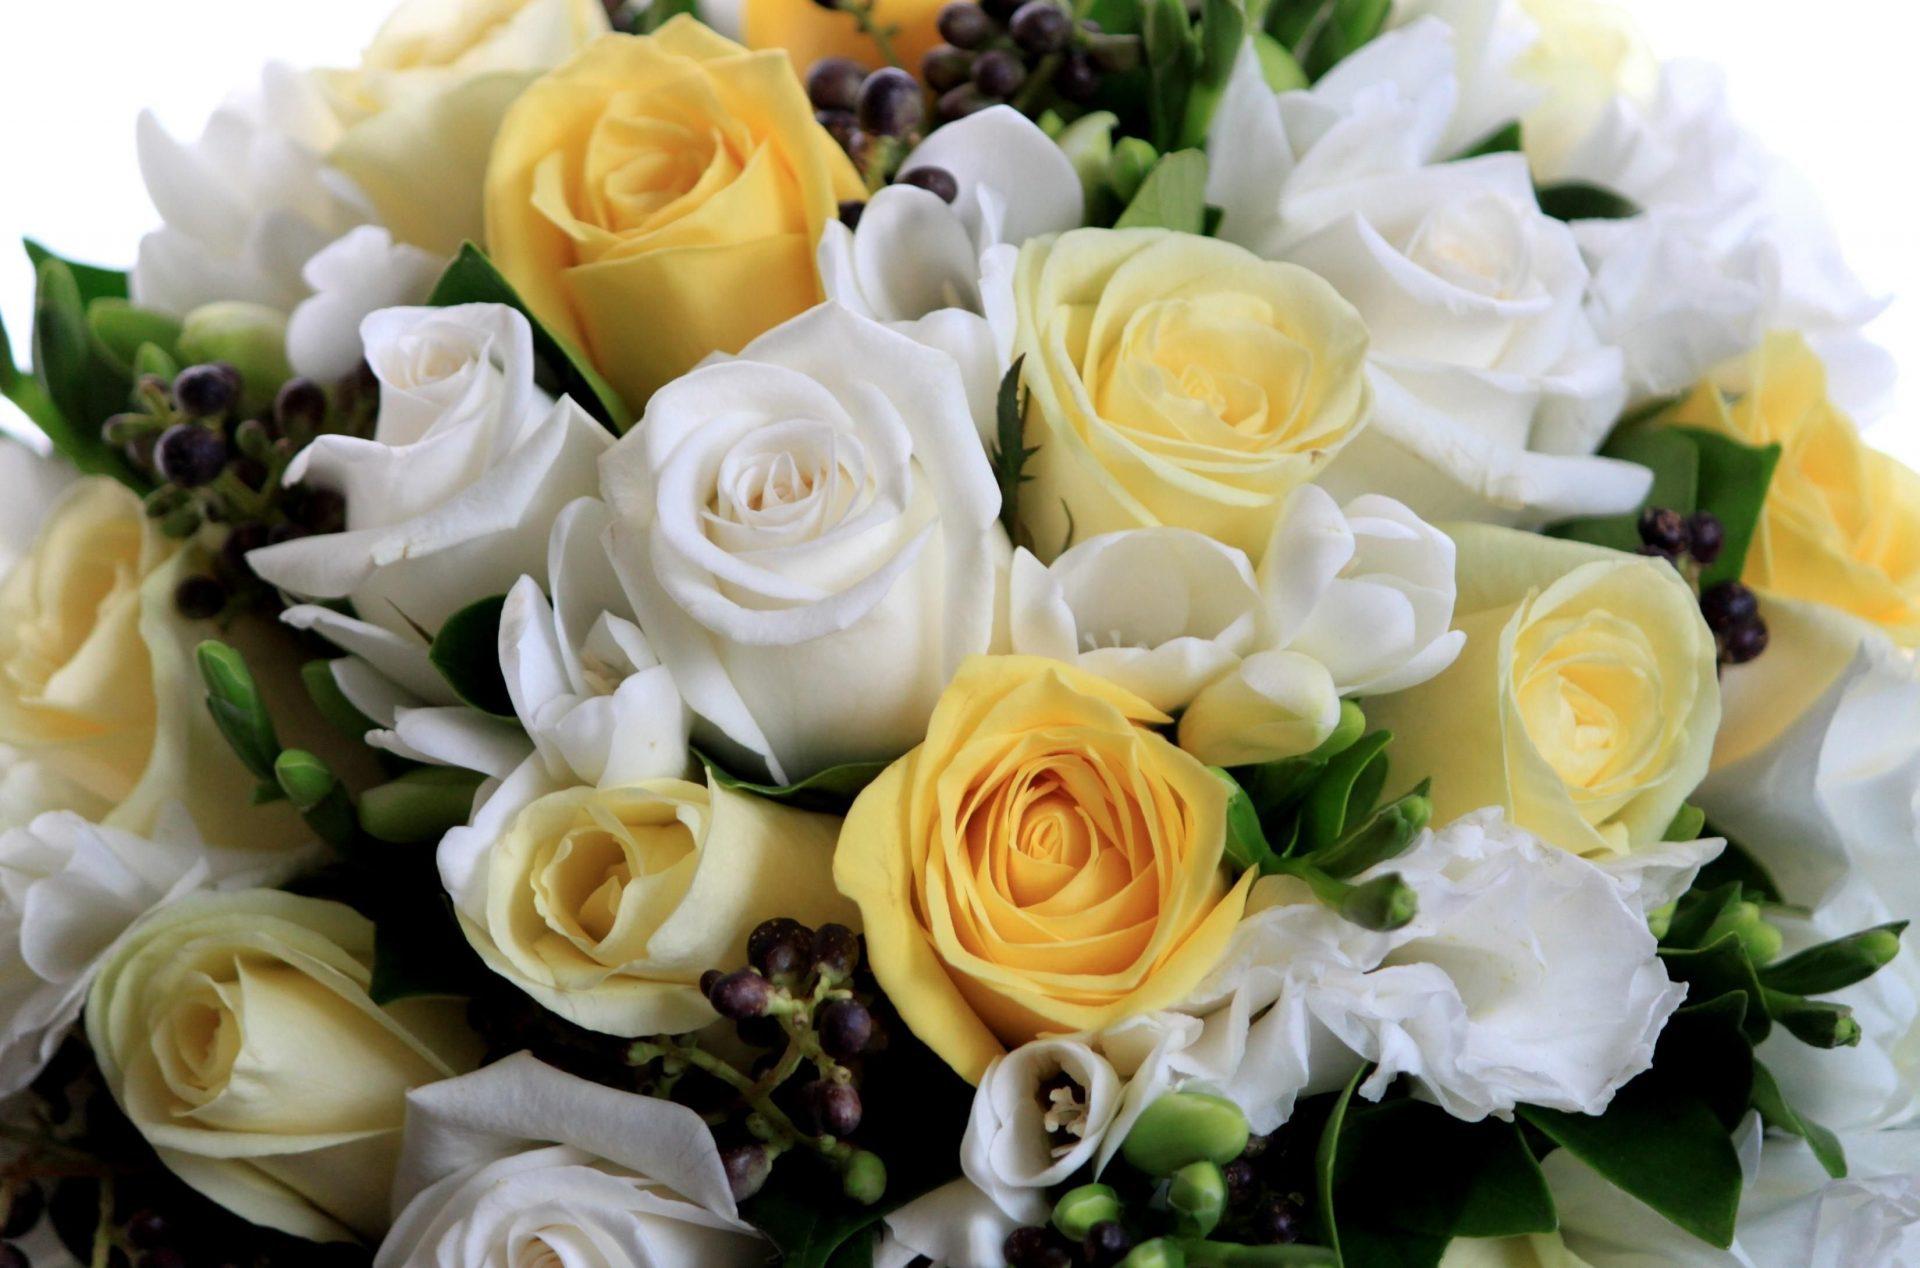 Шикарные букеты белых роз с добрым утром фото в хорошем качестве — 4